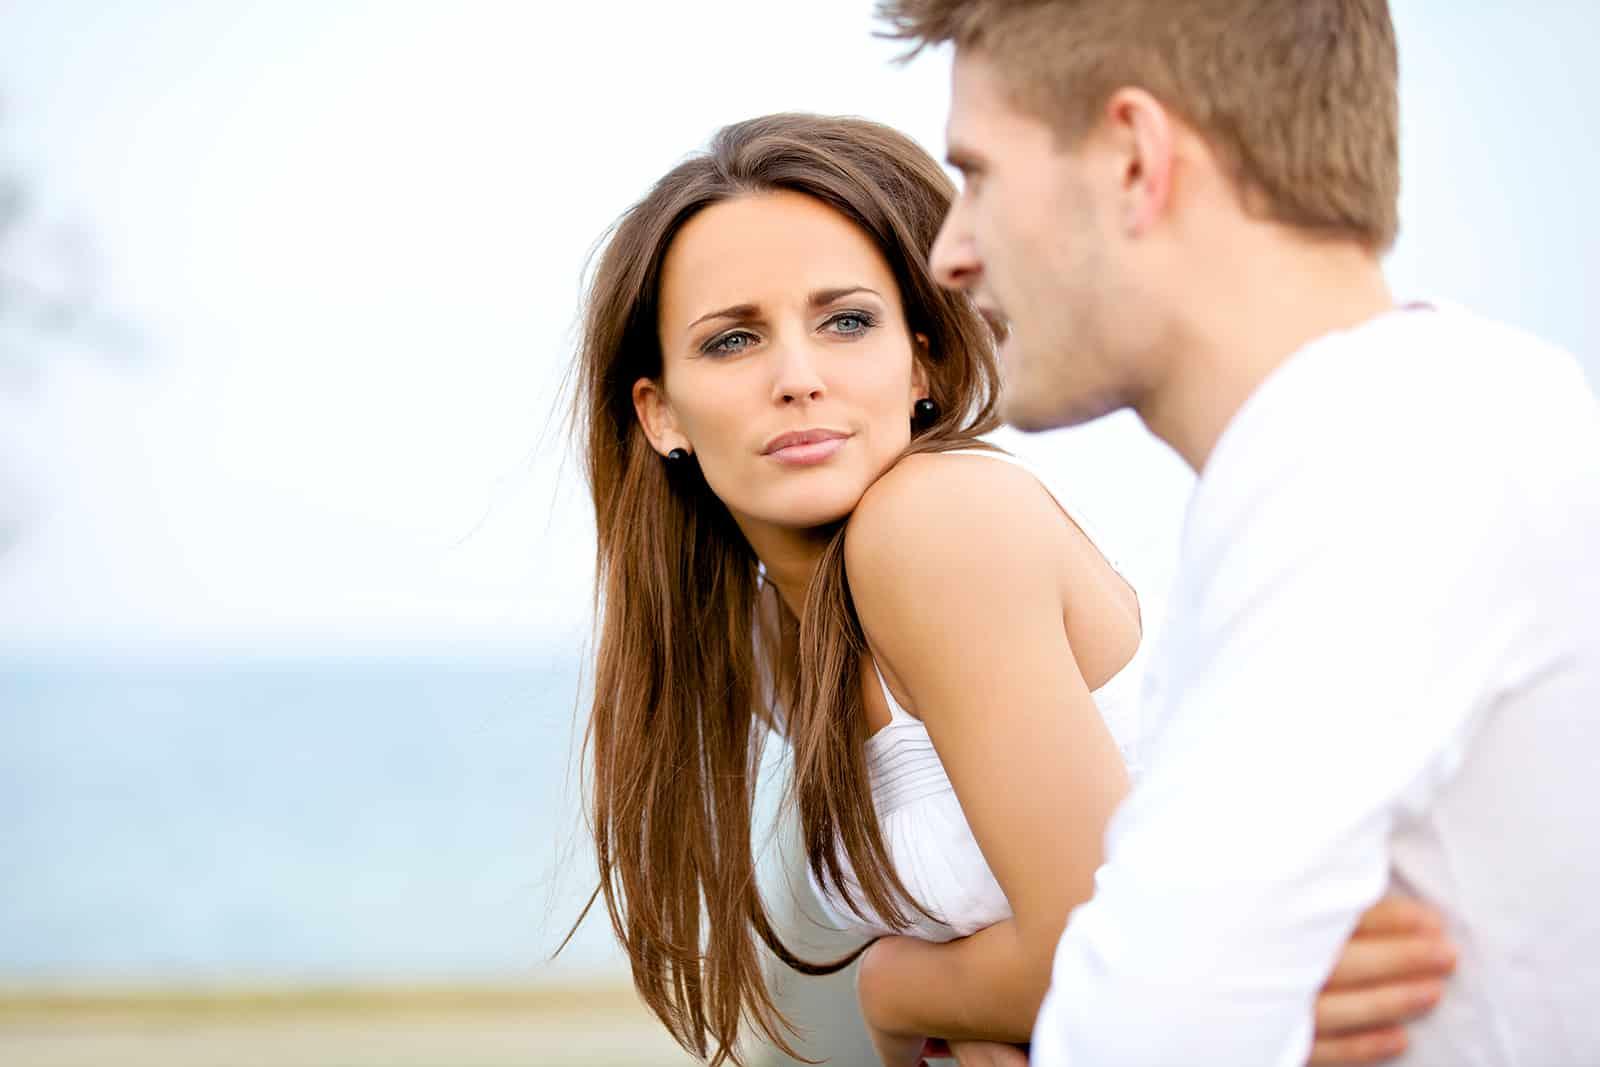 eine ernste Frau, die einen Mann ansieht, der mit ihr spricht, während sie zusammen im Freien stehen